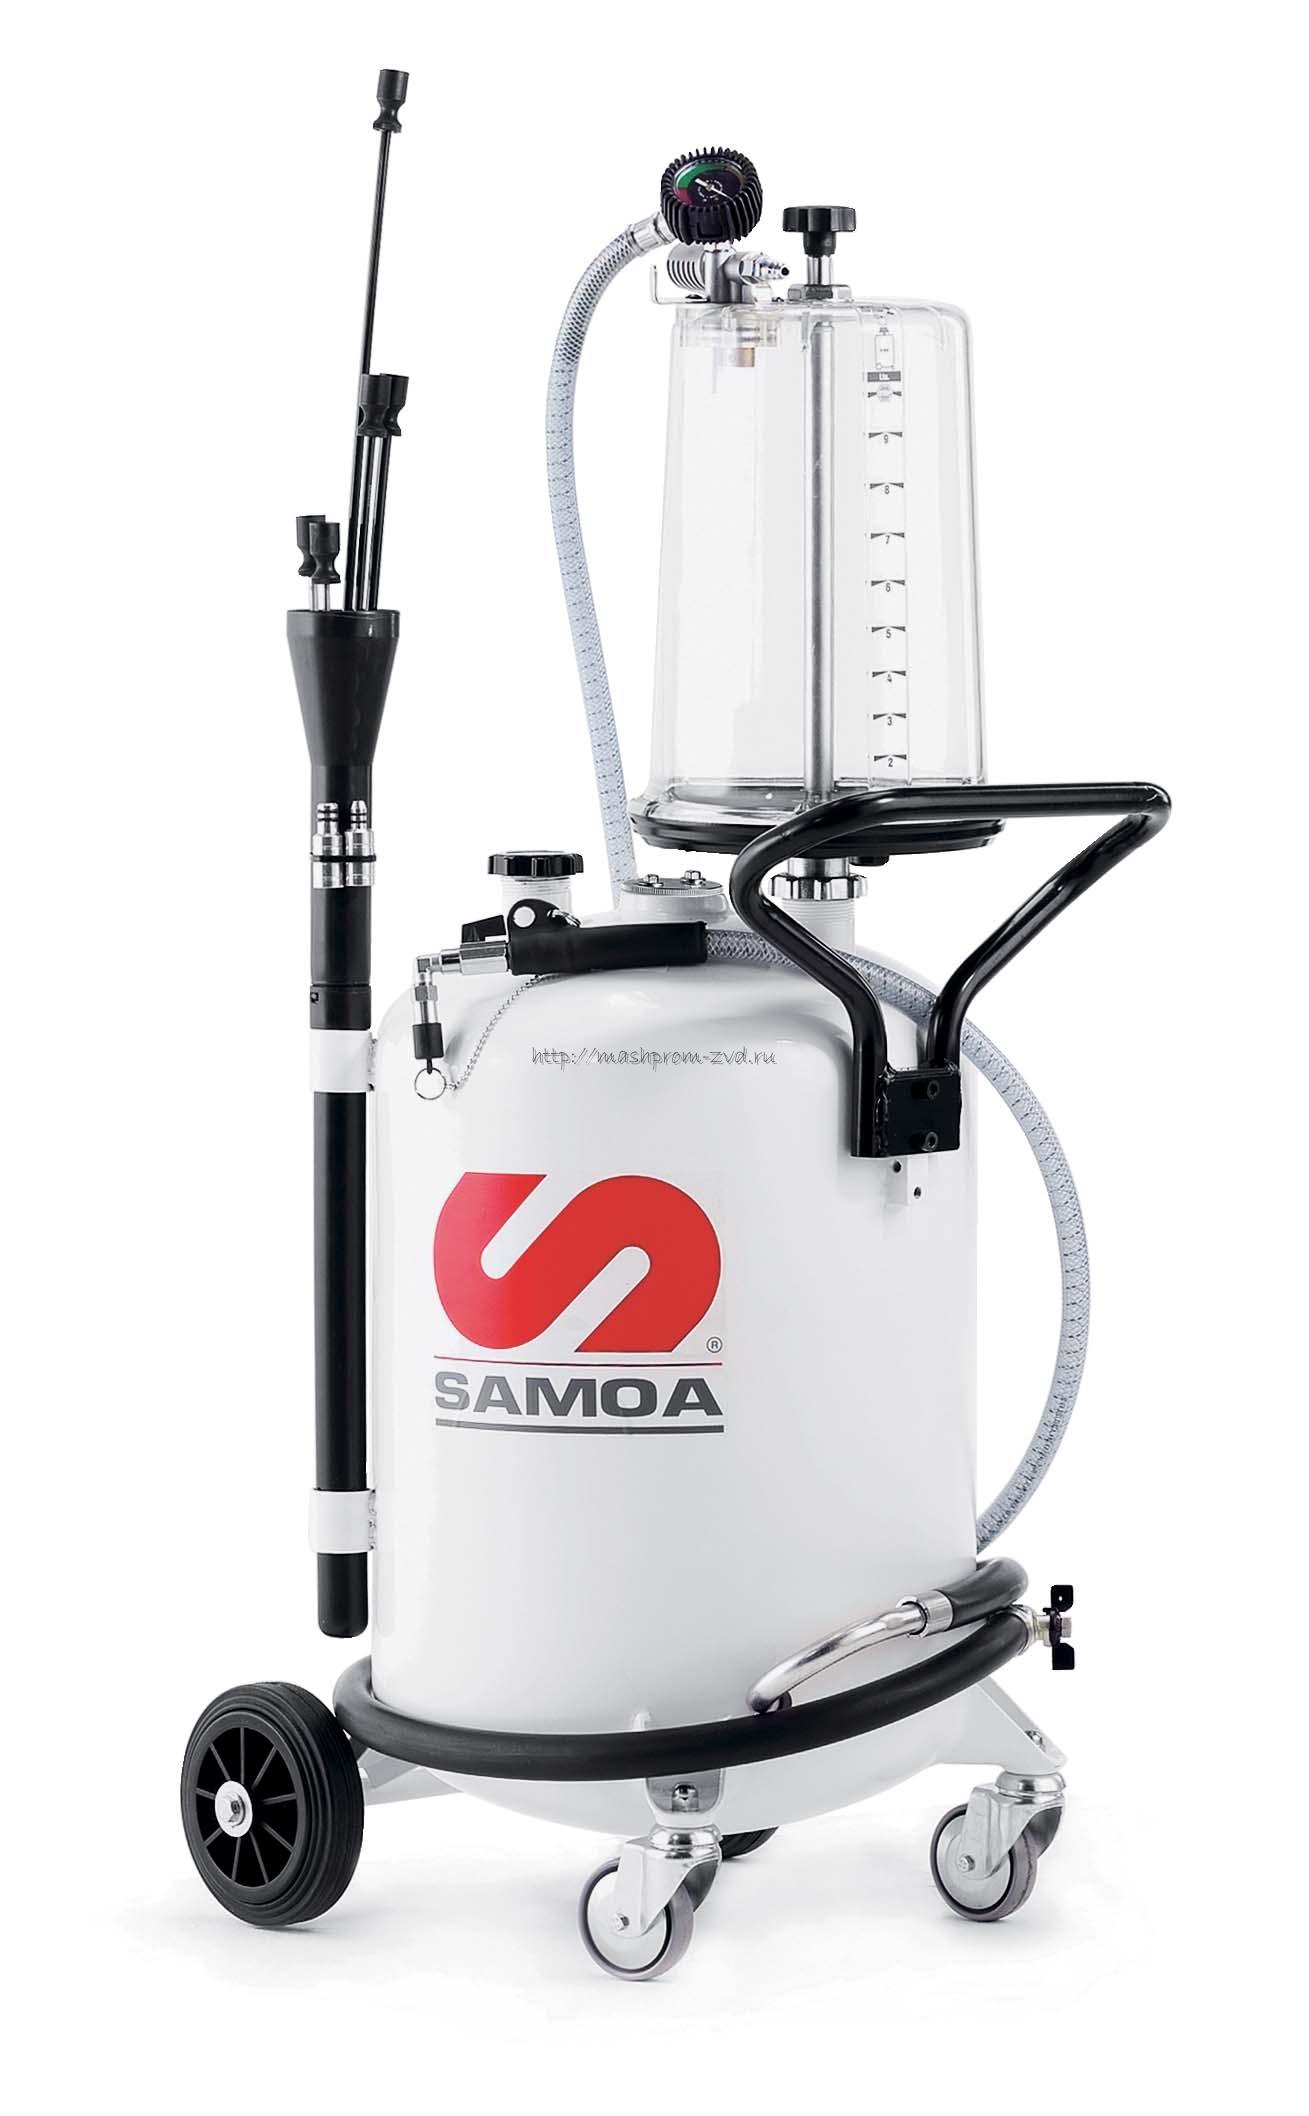 Мобильная установка SAMOA арт. 373100 для откачки отработанного масла 70 л, с предкамерой